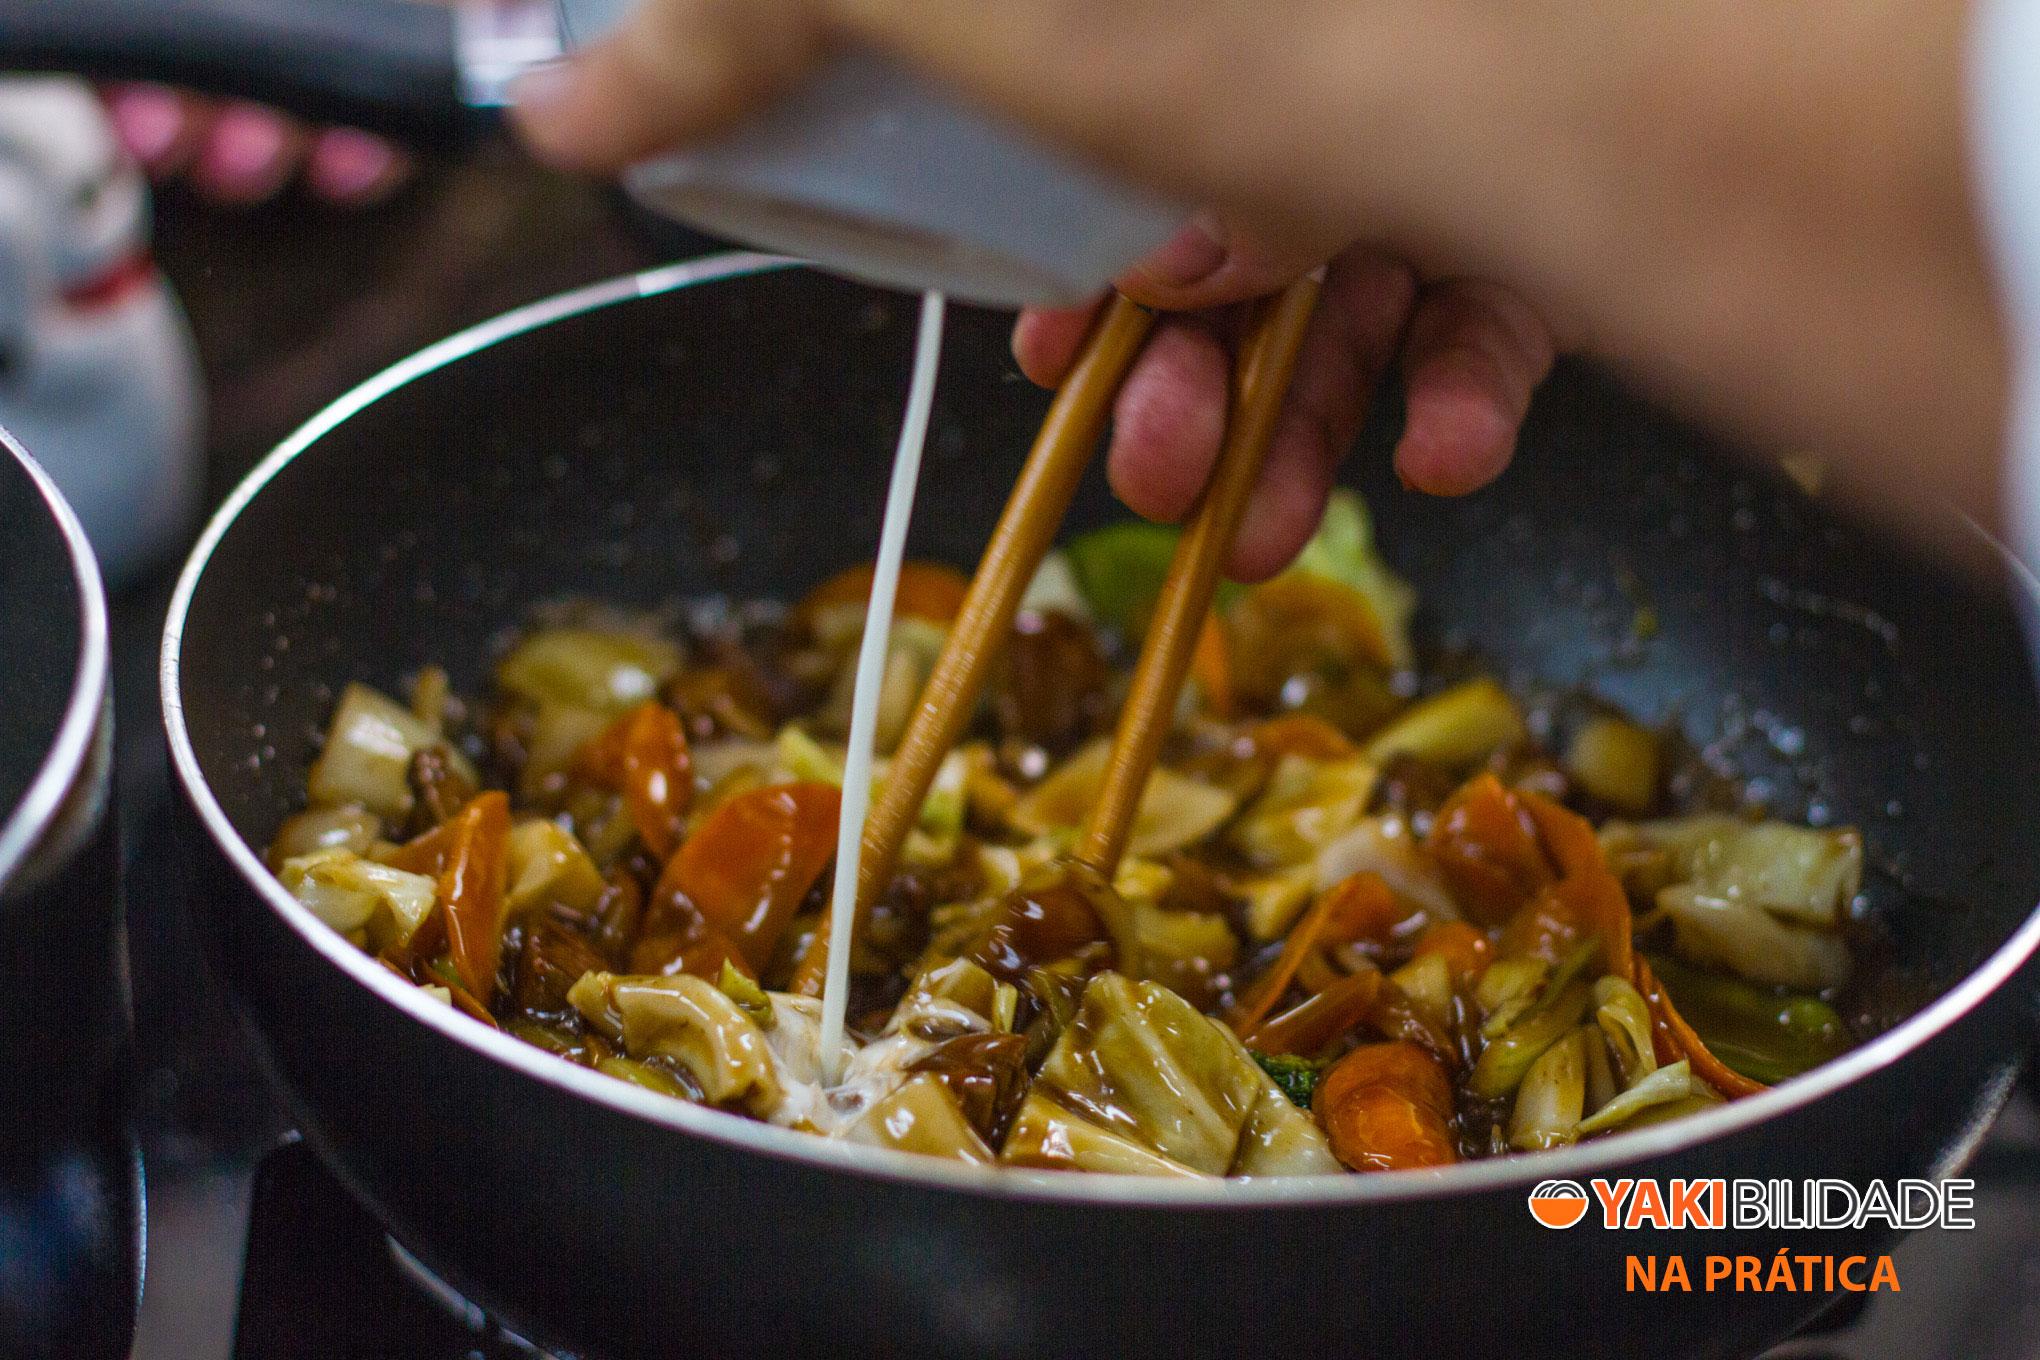 Turma 01 - Curso de Culinária Japonesa Yakibilidade na Prática 01